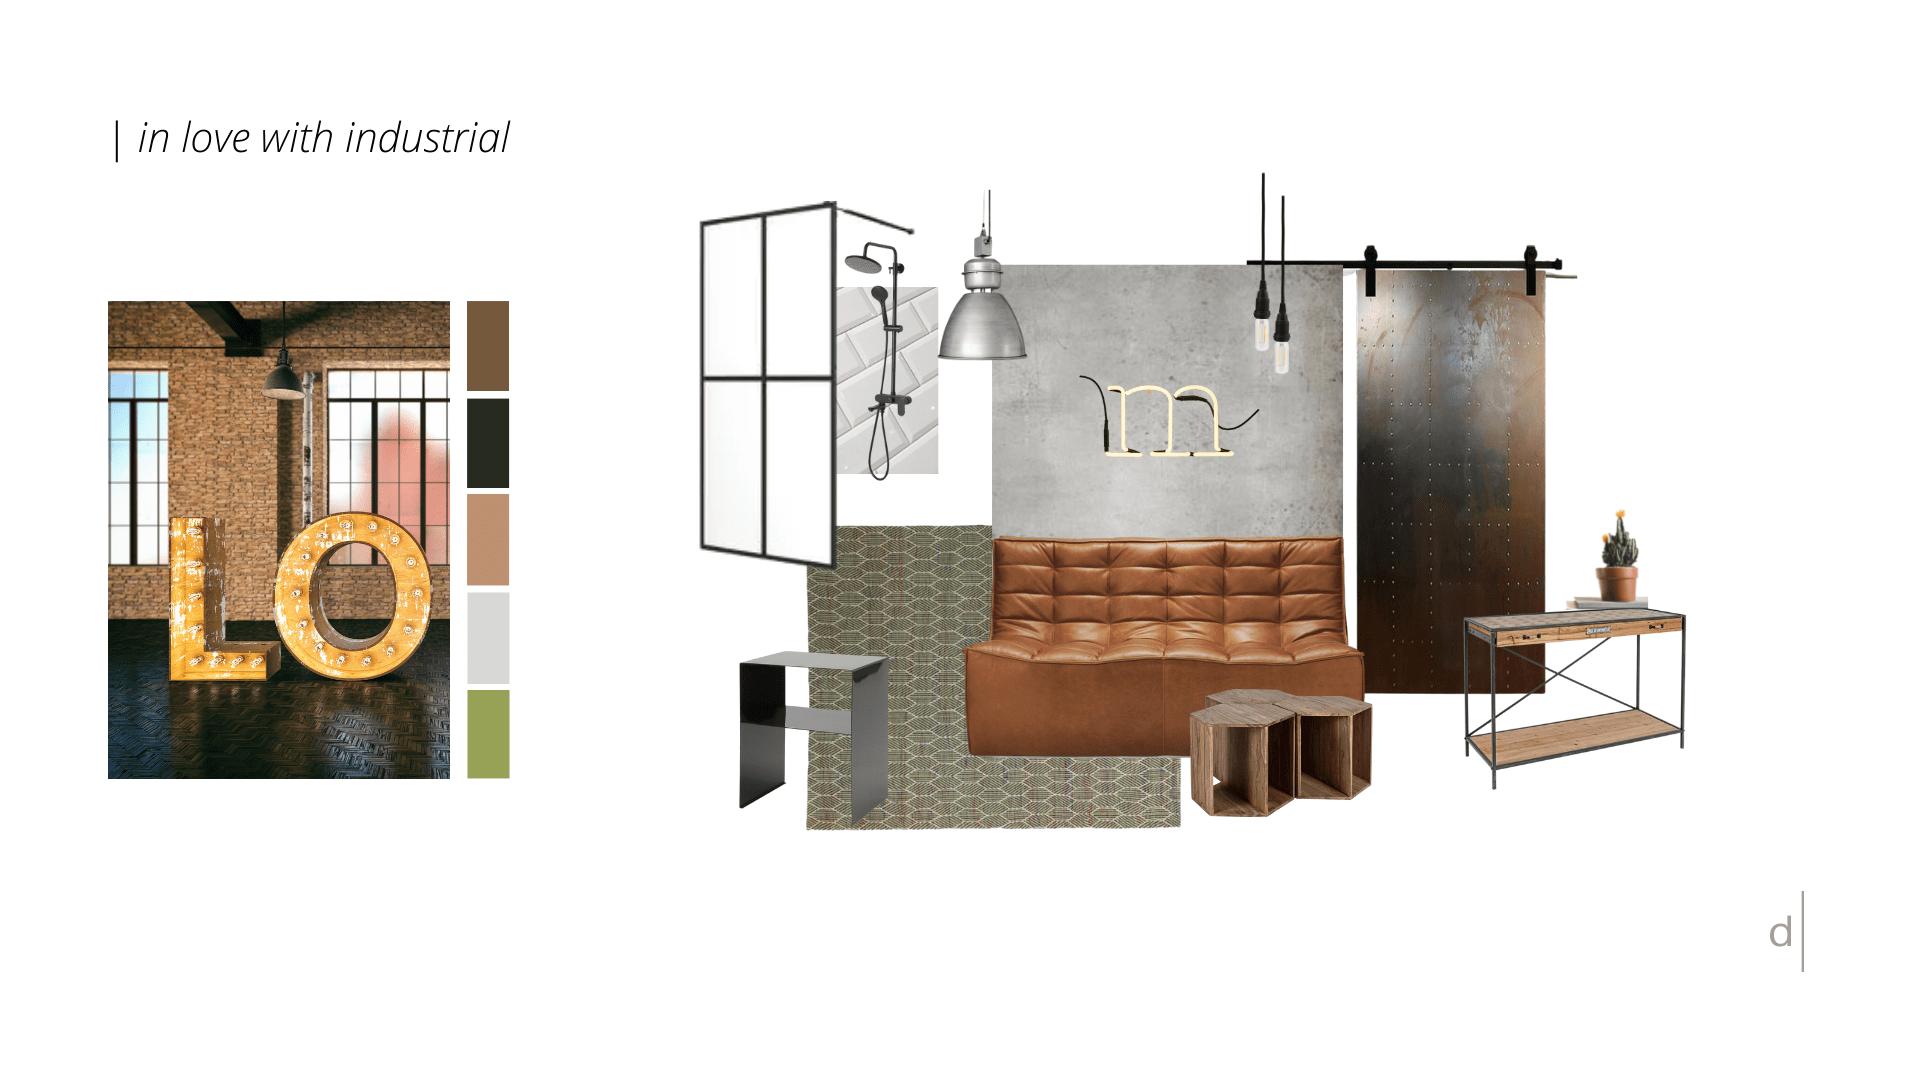 Stahl, Ziegelmauern, Beton und Do-it-yourself-Objekte schaffen einen maskulinen Look.  Das ist die d.yond IN LOVE WITH INDUSTRIAL Stilwelt